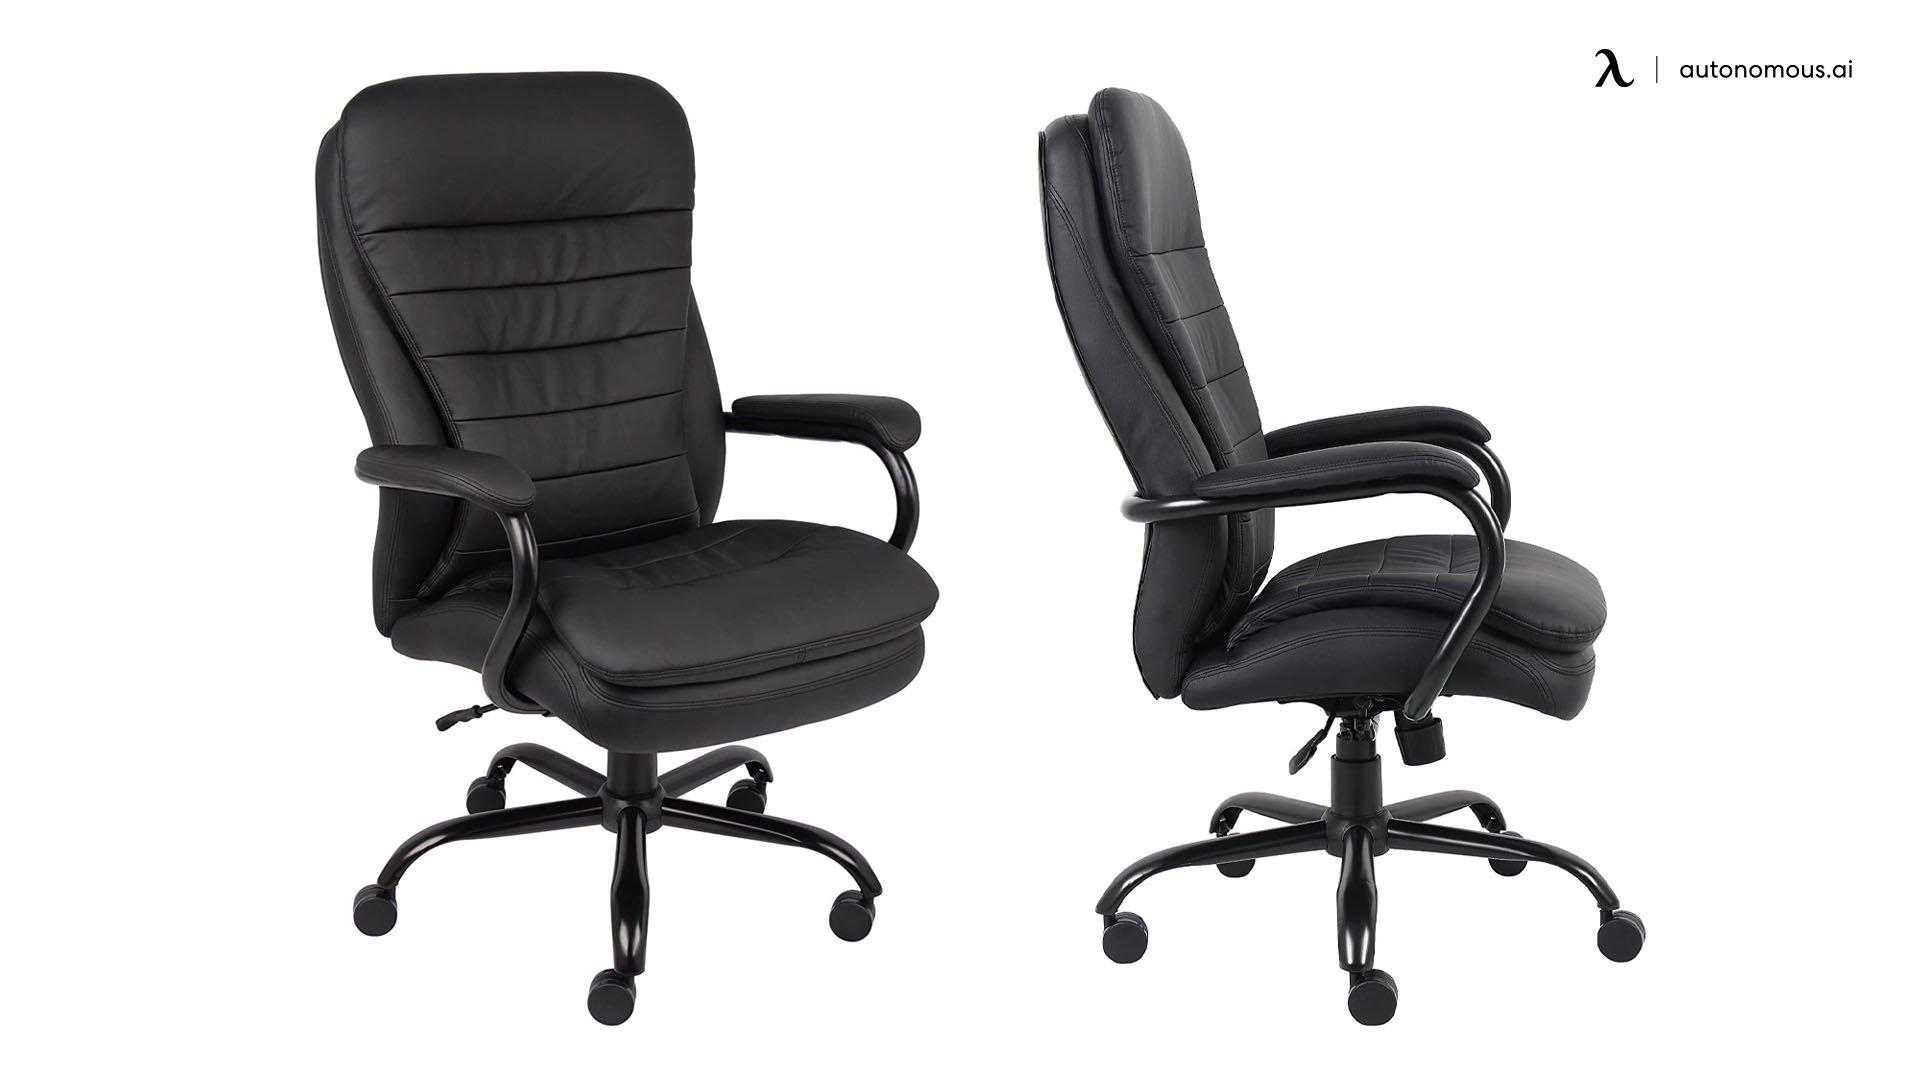 boss heavy-duty office chair